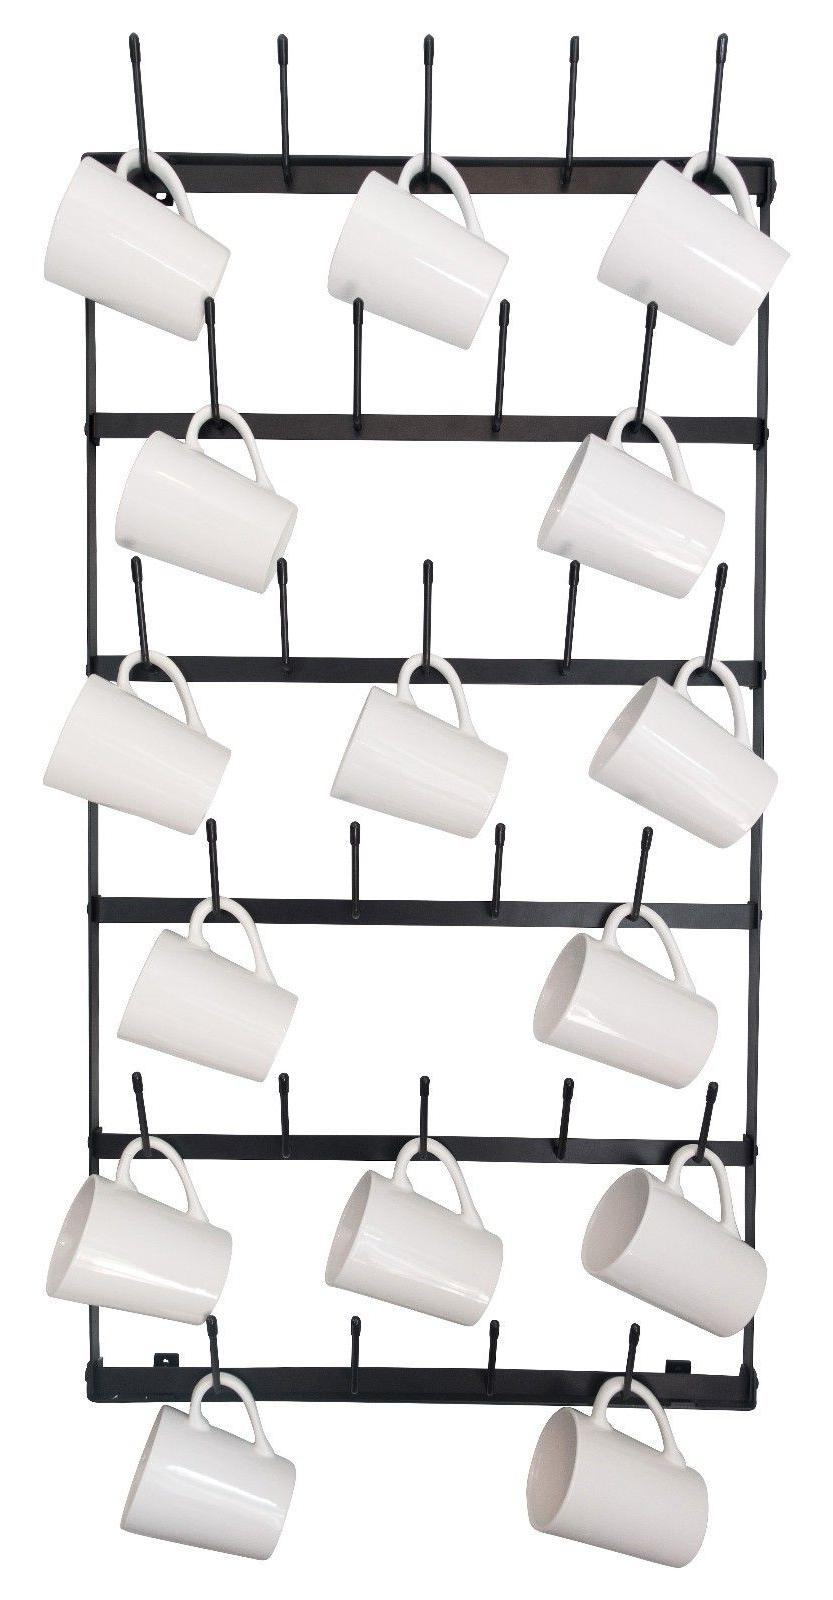 Wall Mounted Mug Rack - 6 Row Metal Storage Display For Coff